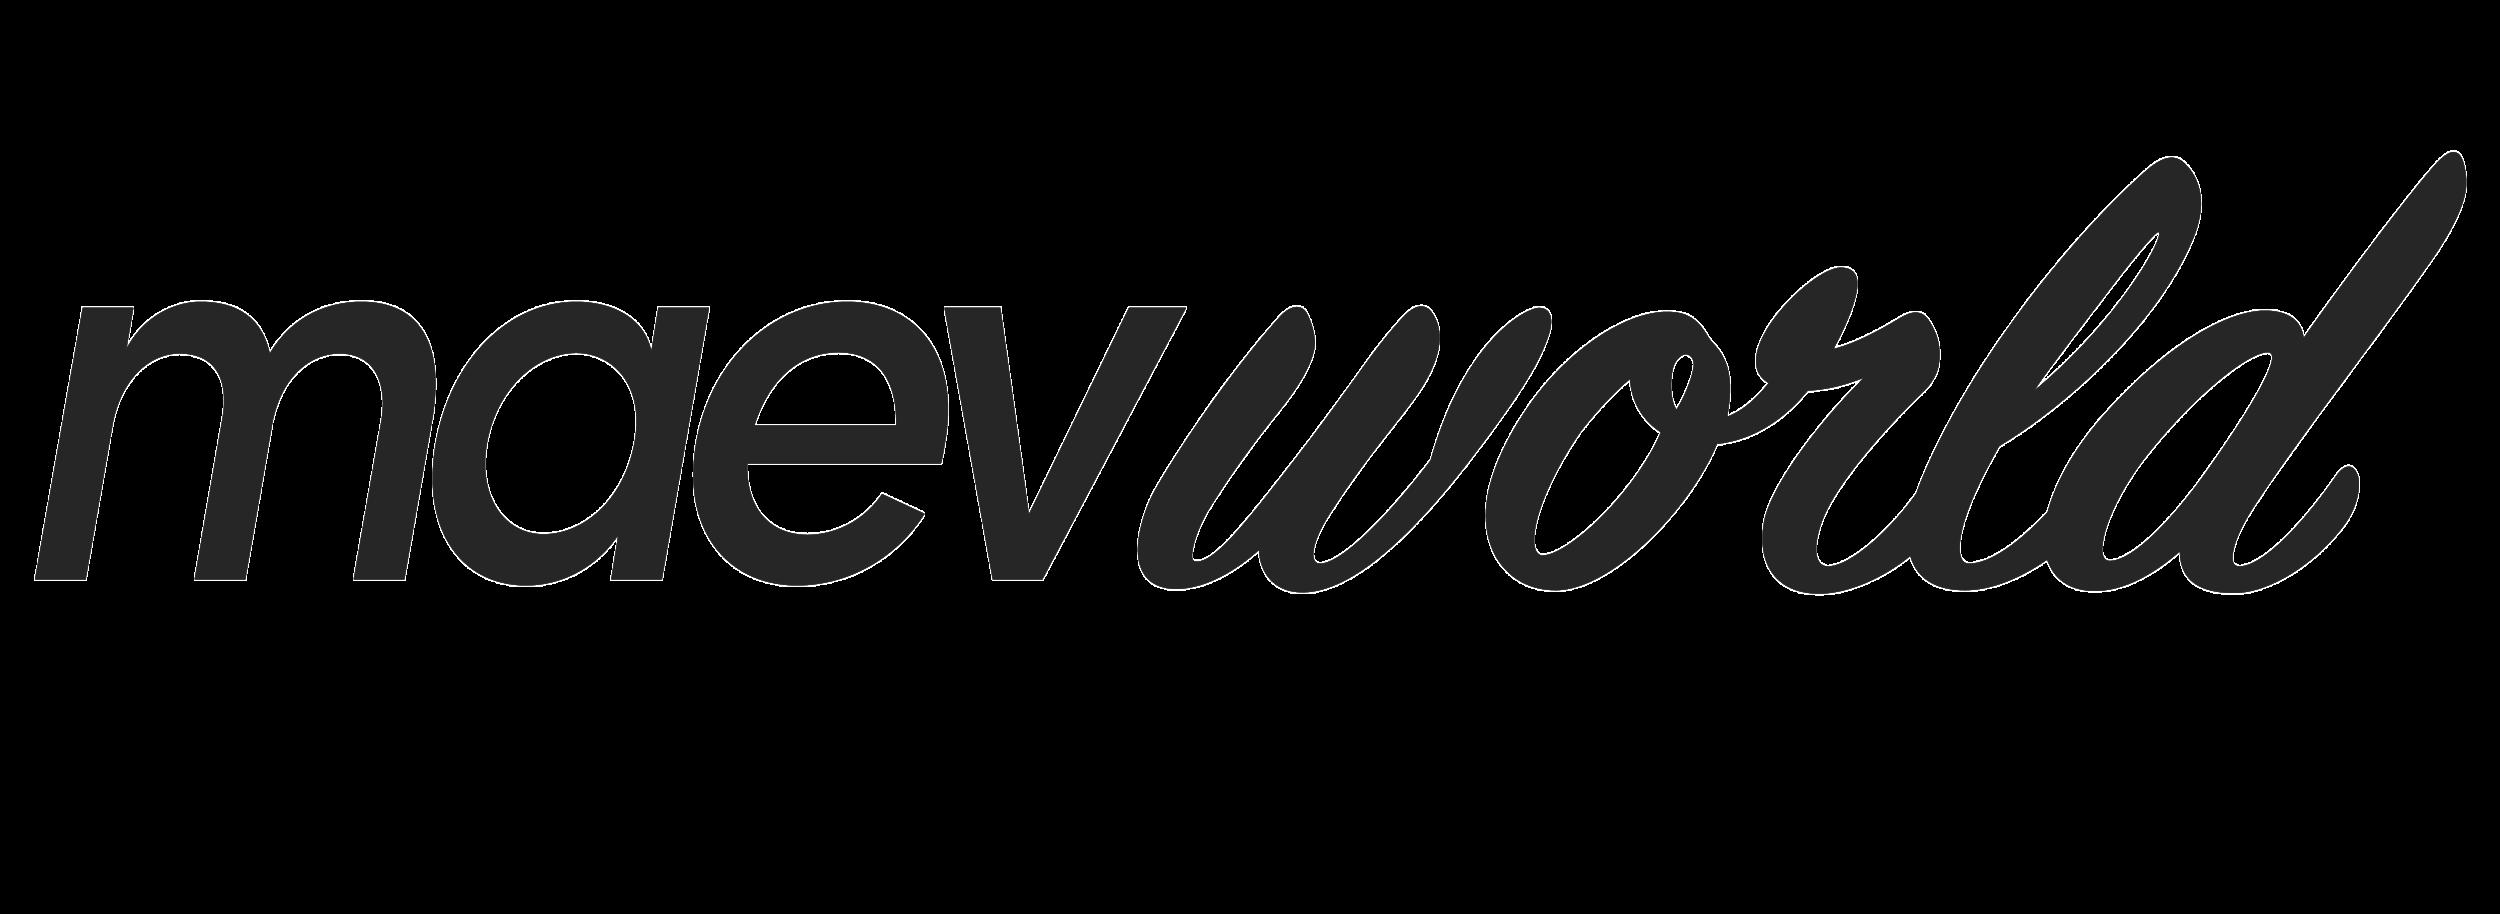 Maev World Logo black on black.png